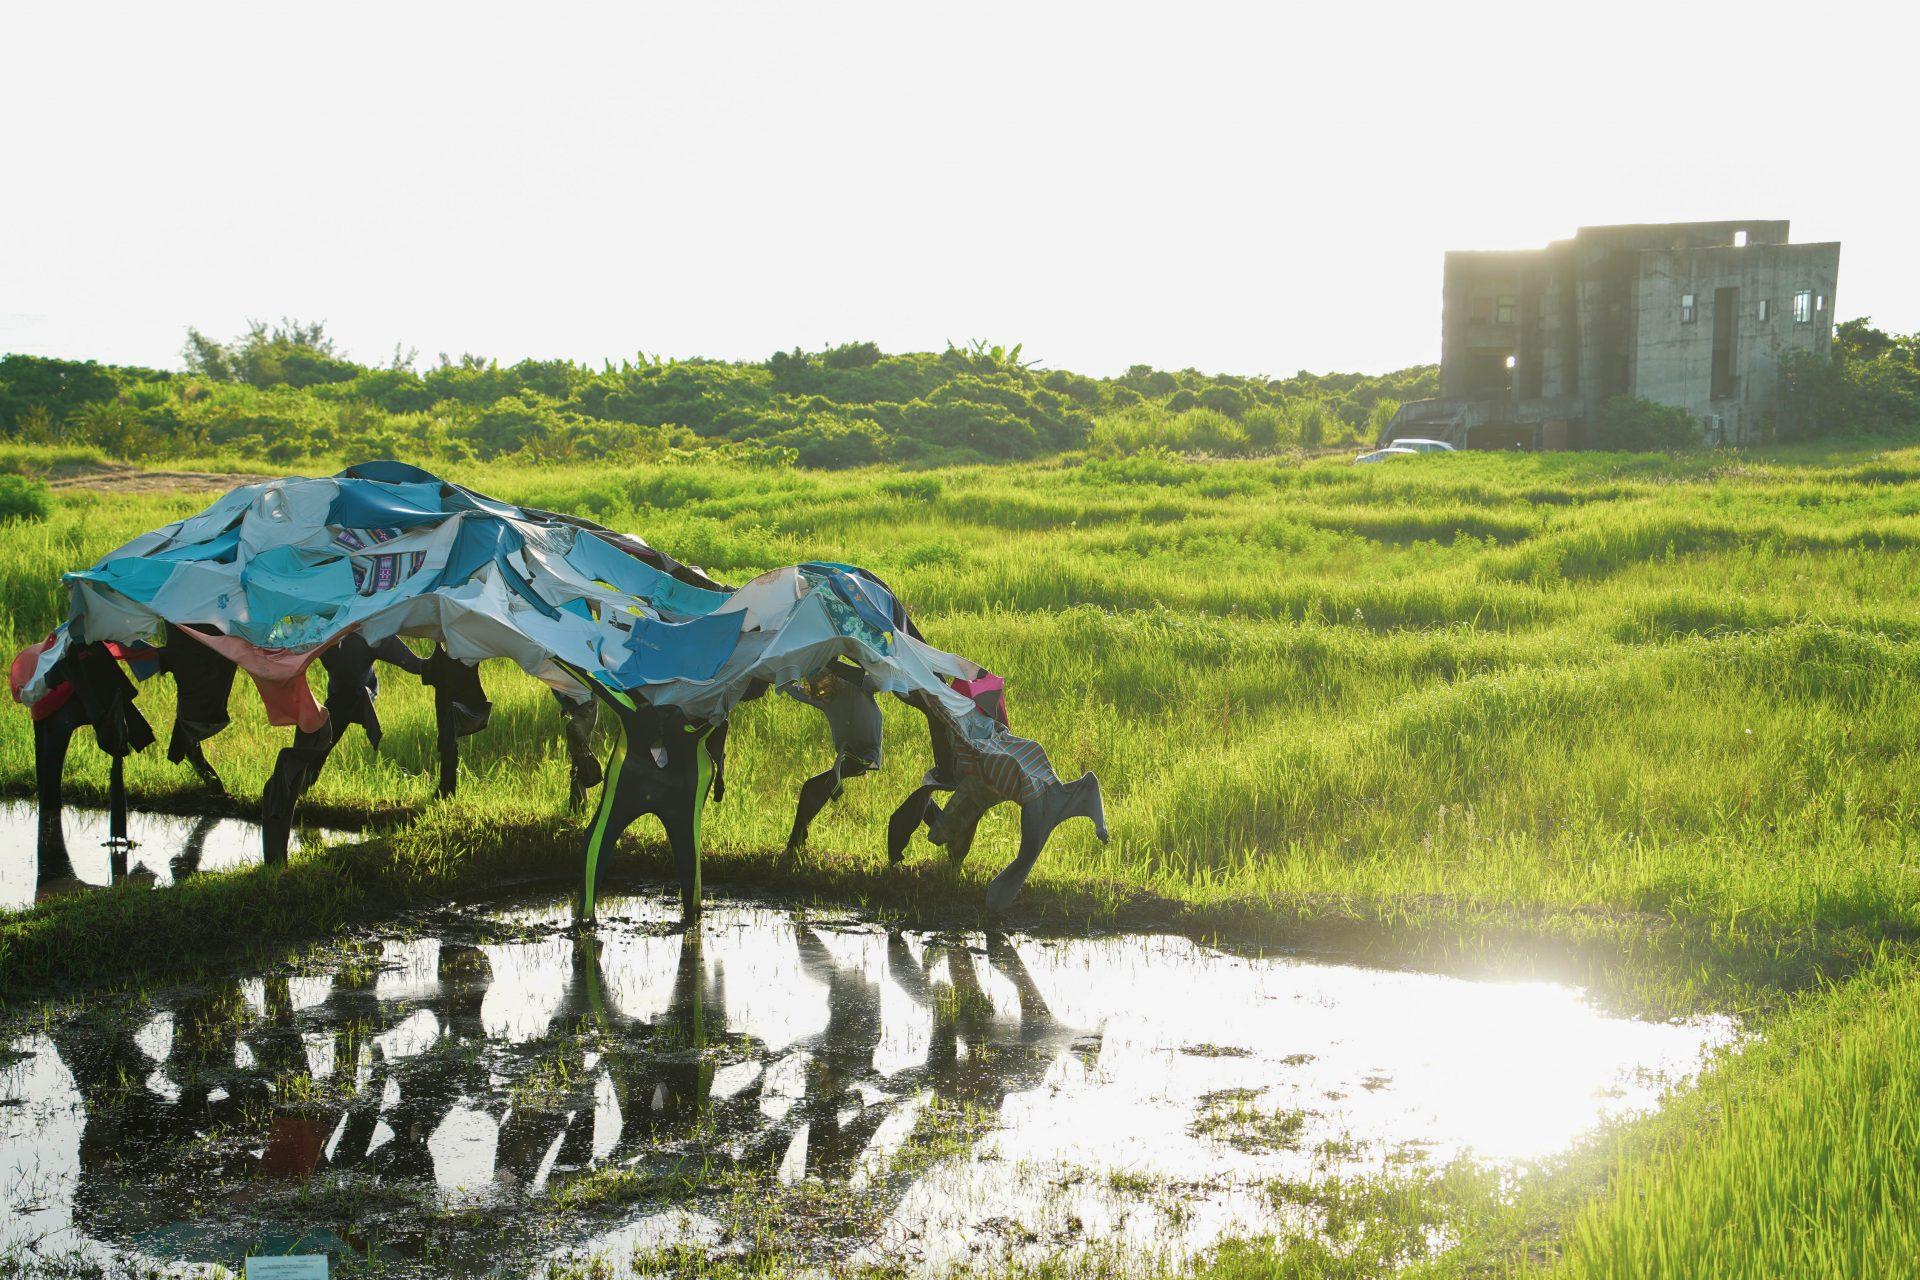 一起當個「好野人」吧! 留住海岸的文化記憶(技藝)——節點共創與「森川里海濕地藝術季」的地方經驗 (下)